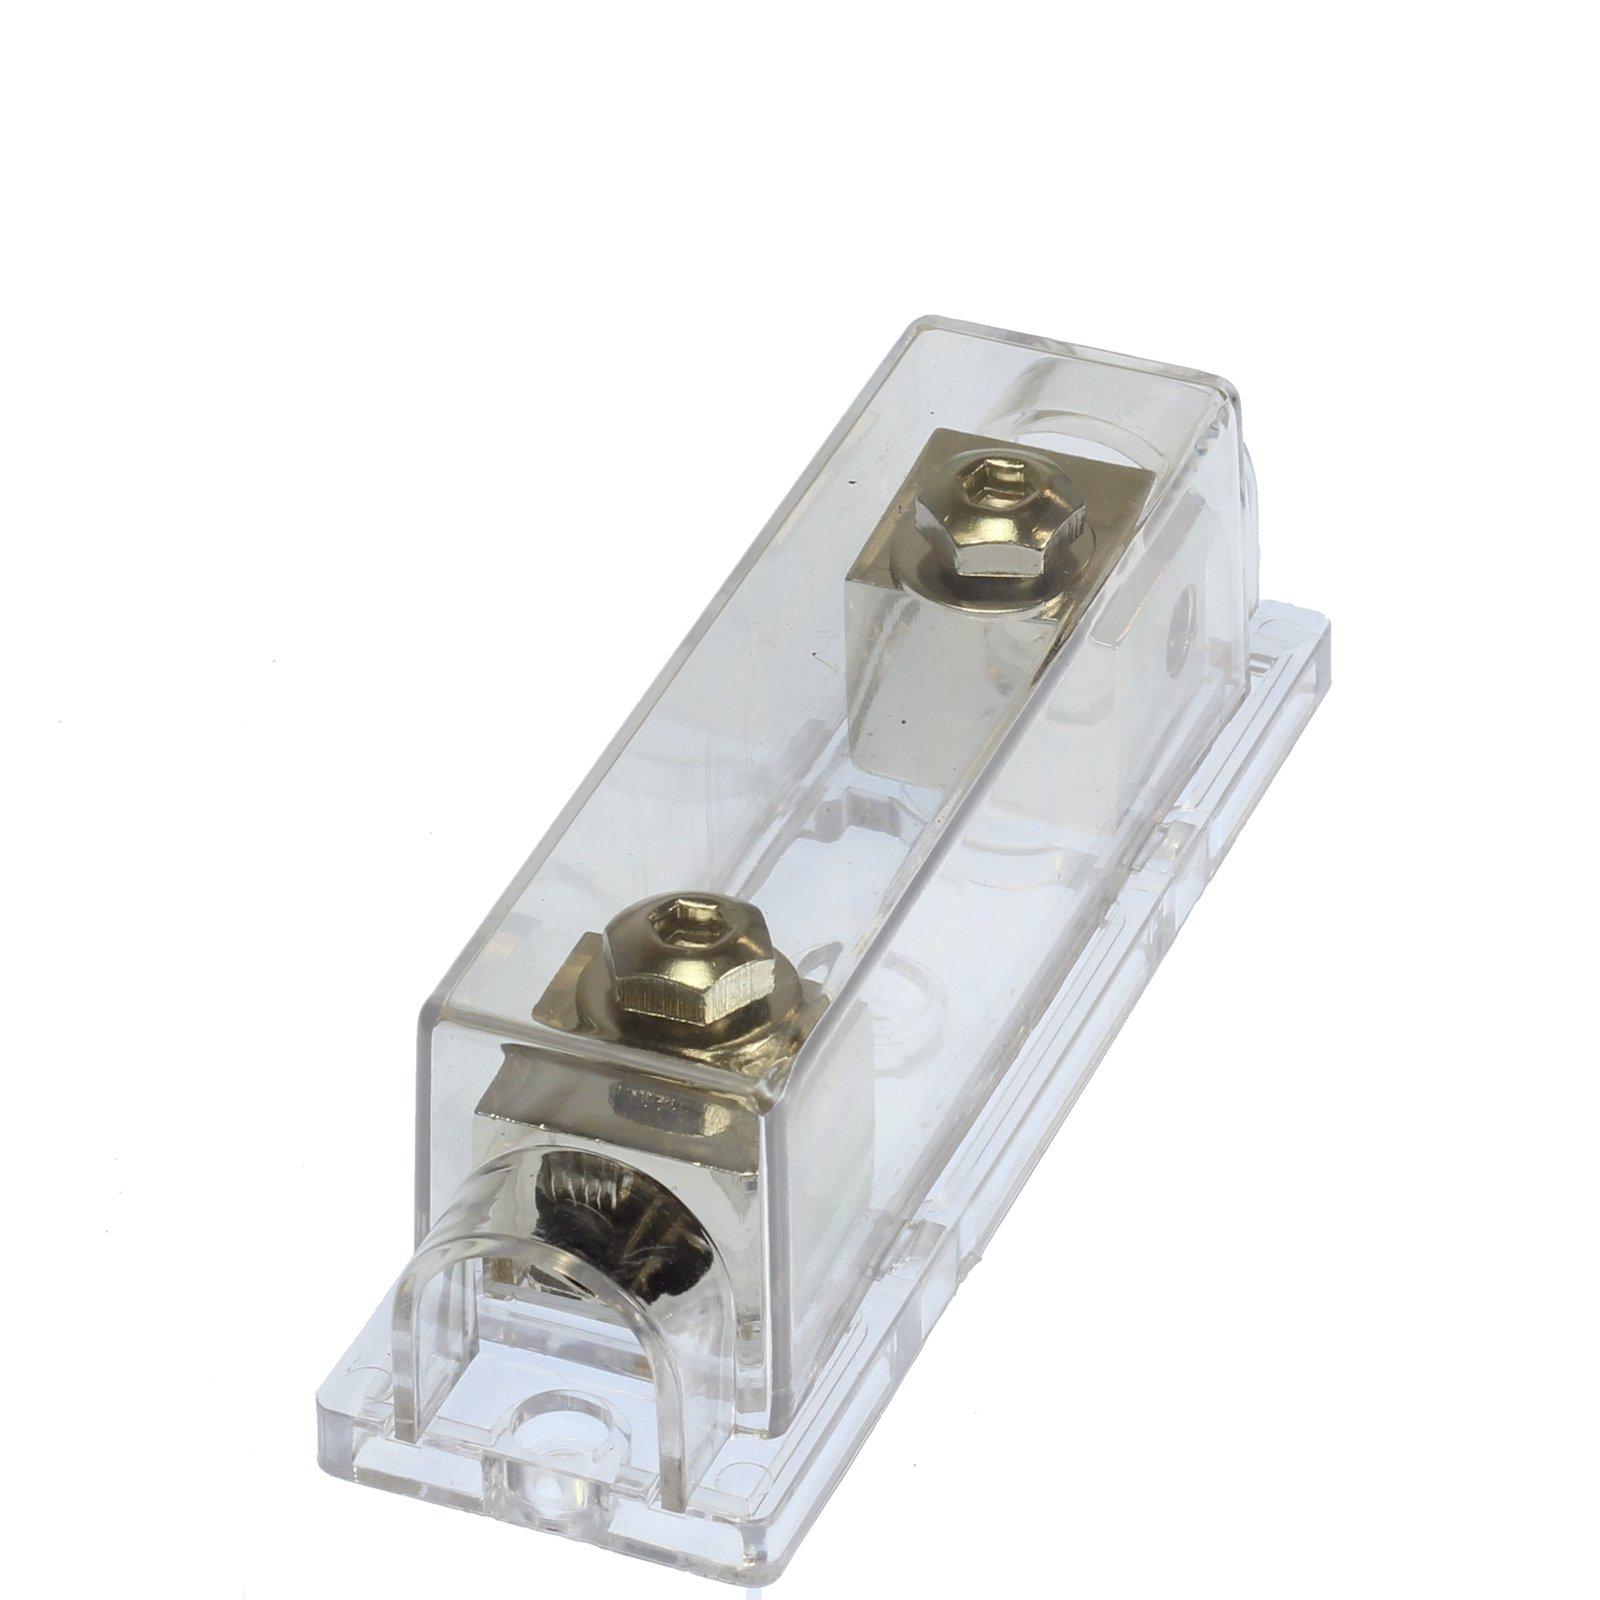 (1) 350 AMP ANL Fuse & (1) Inline Fuseholder Battery Install Kit 1/0 Gauge 1FT by 12voltnet (Image #3)